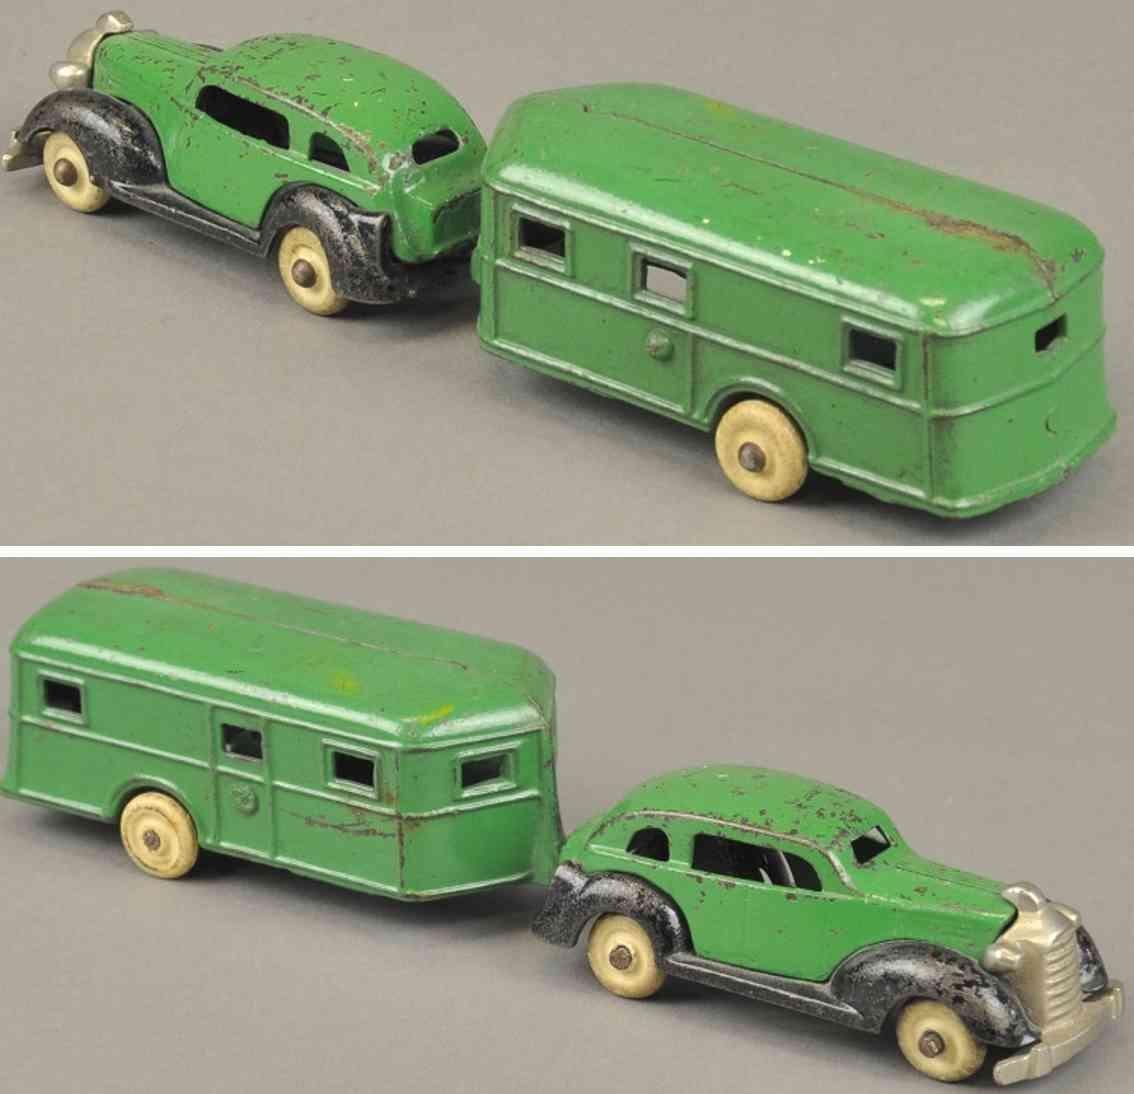 kenton hardware co 1936 spielzeug gusseisen auto pontiac mit wohnwagen gruen